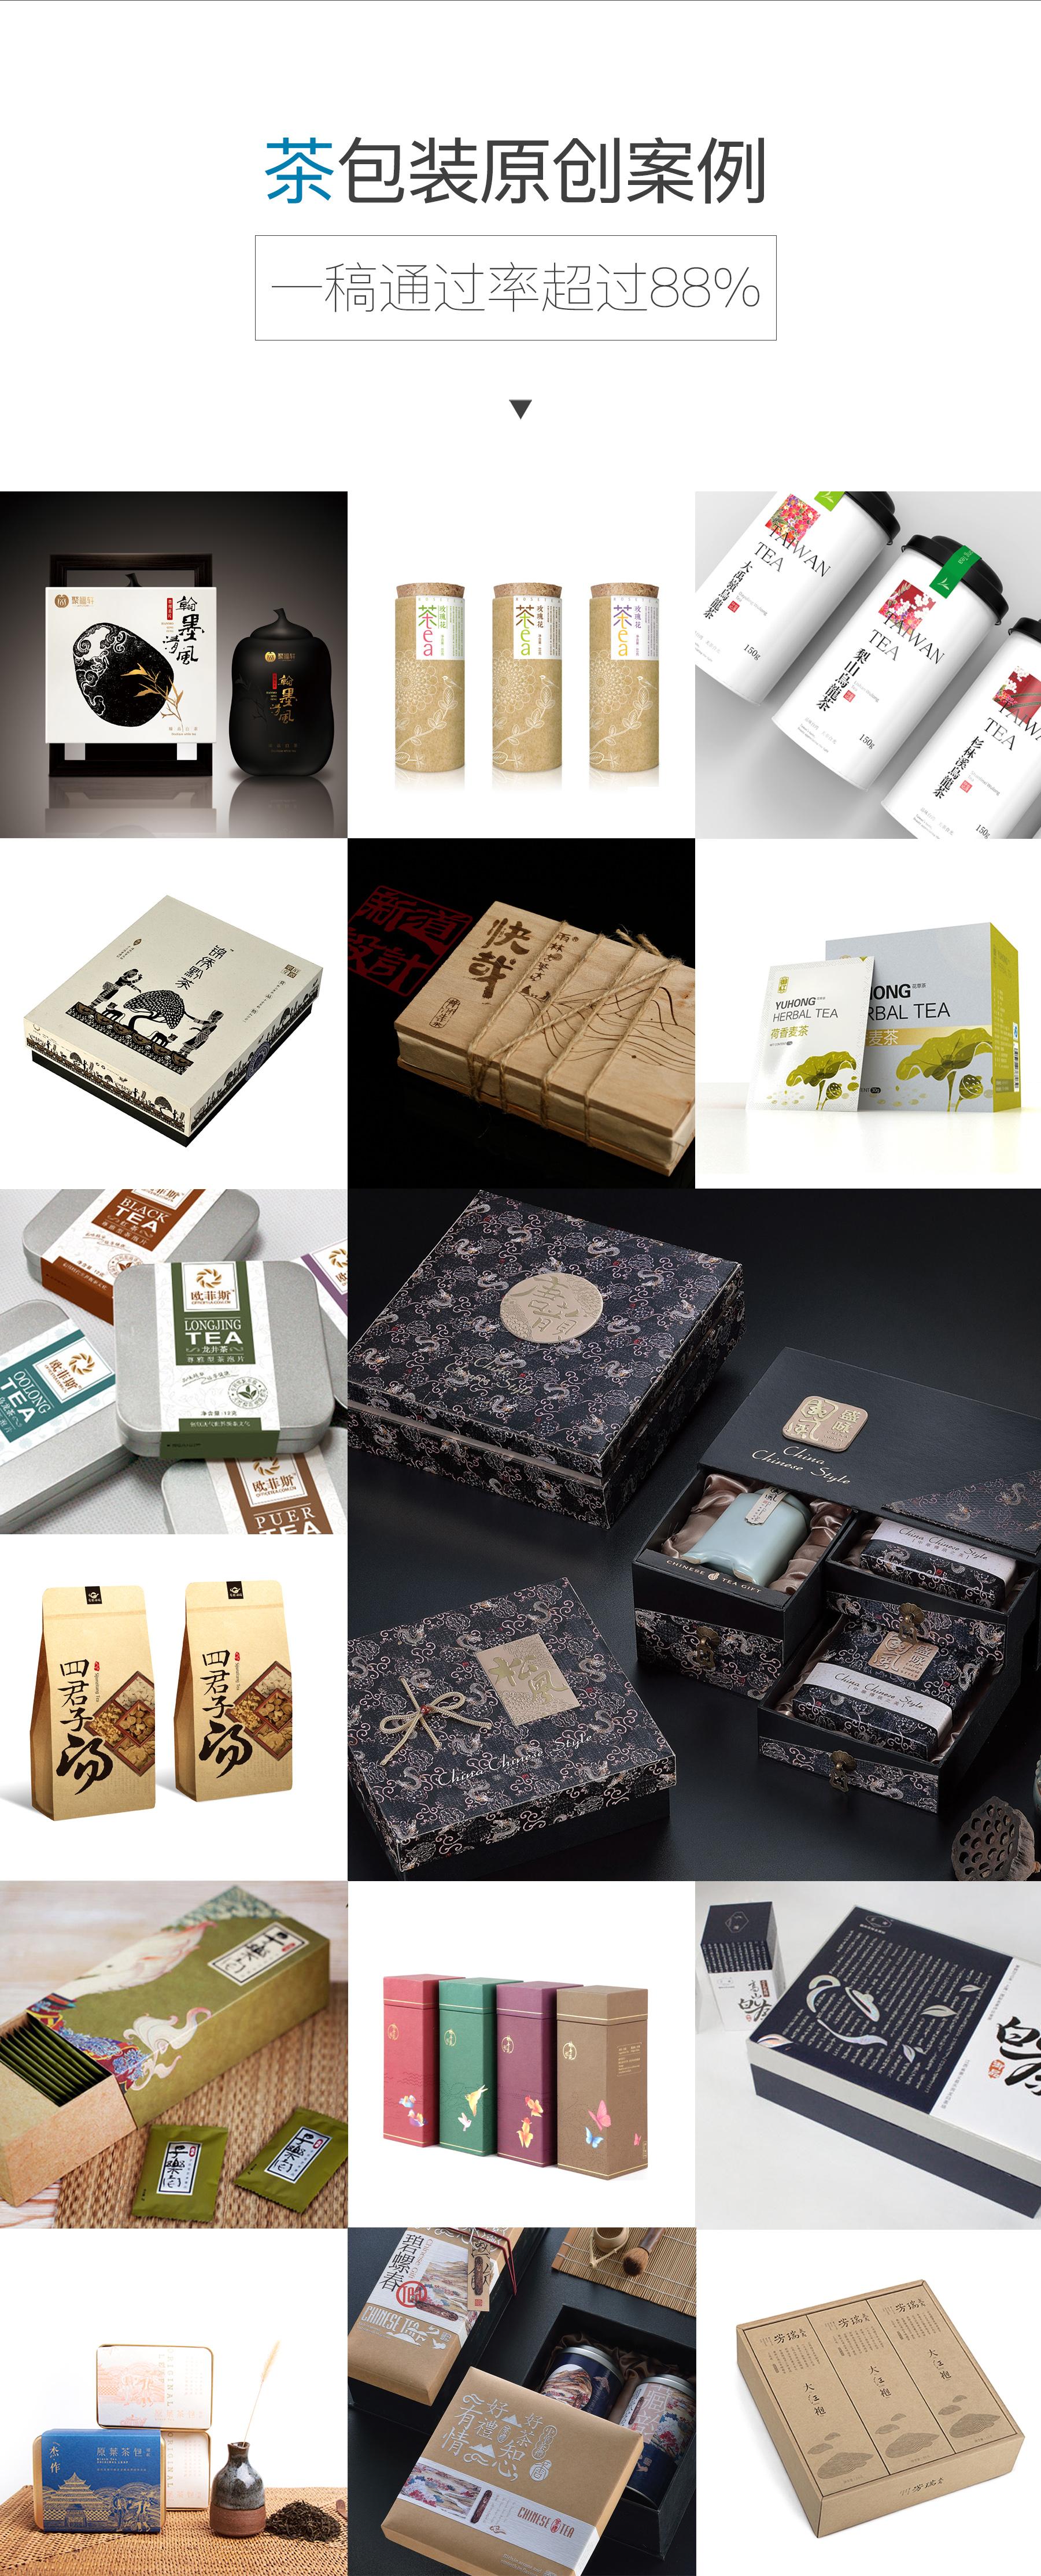 包装设计_【包装】食品酒水茶饮料红酒保健品农产品礼盒母婴原创包装设计8